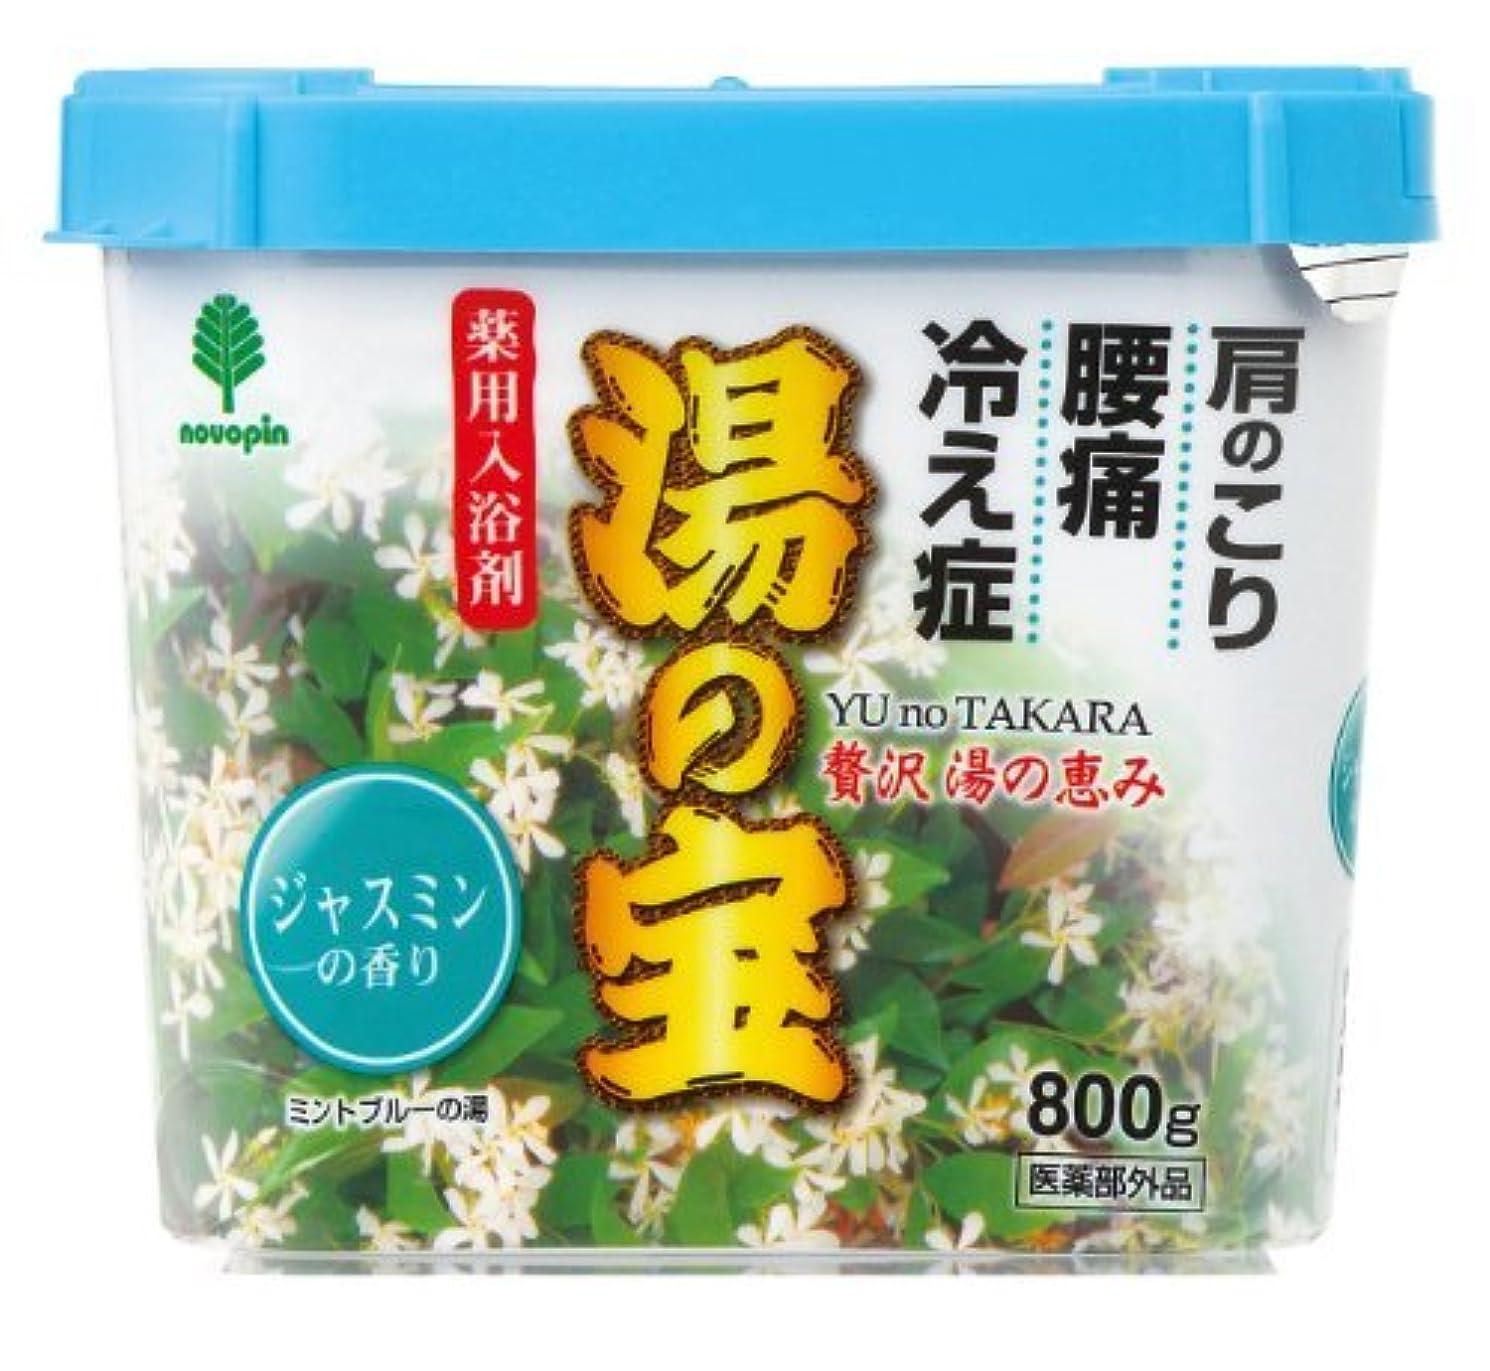 ネックレット腹部トロリーバス紀陽除虫菊 湯の宝 ジャスミンの香り 800g【まとめ買い16個セット】 N-0056